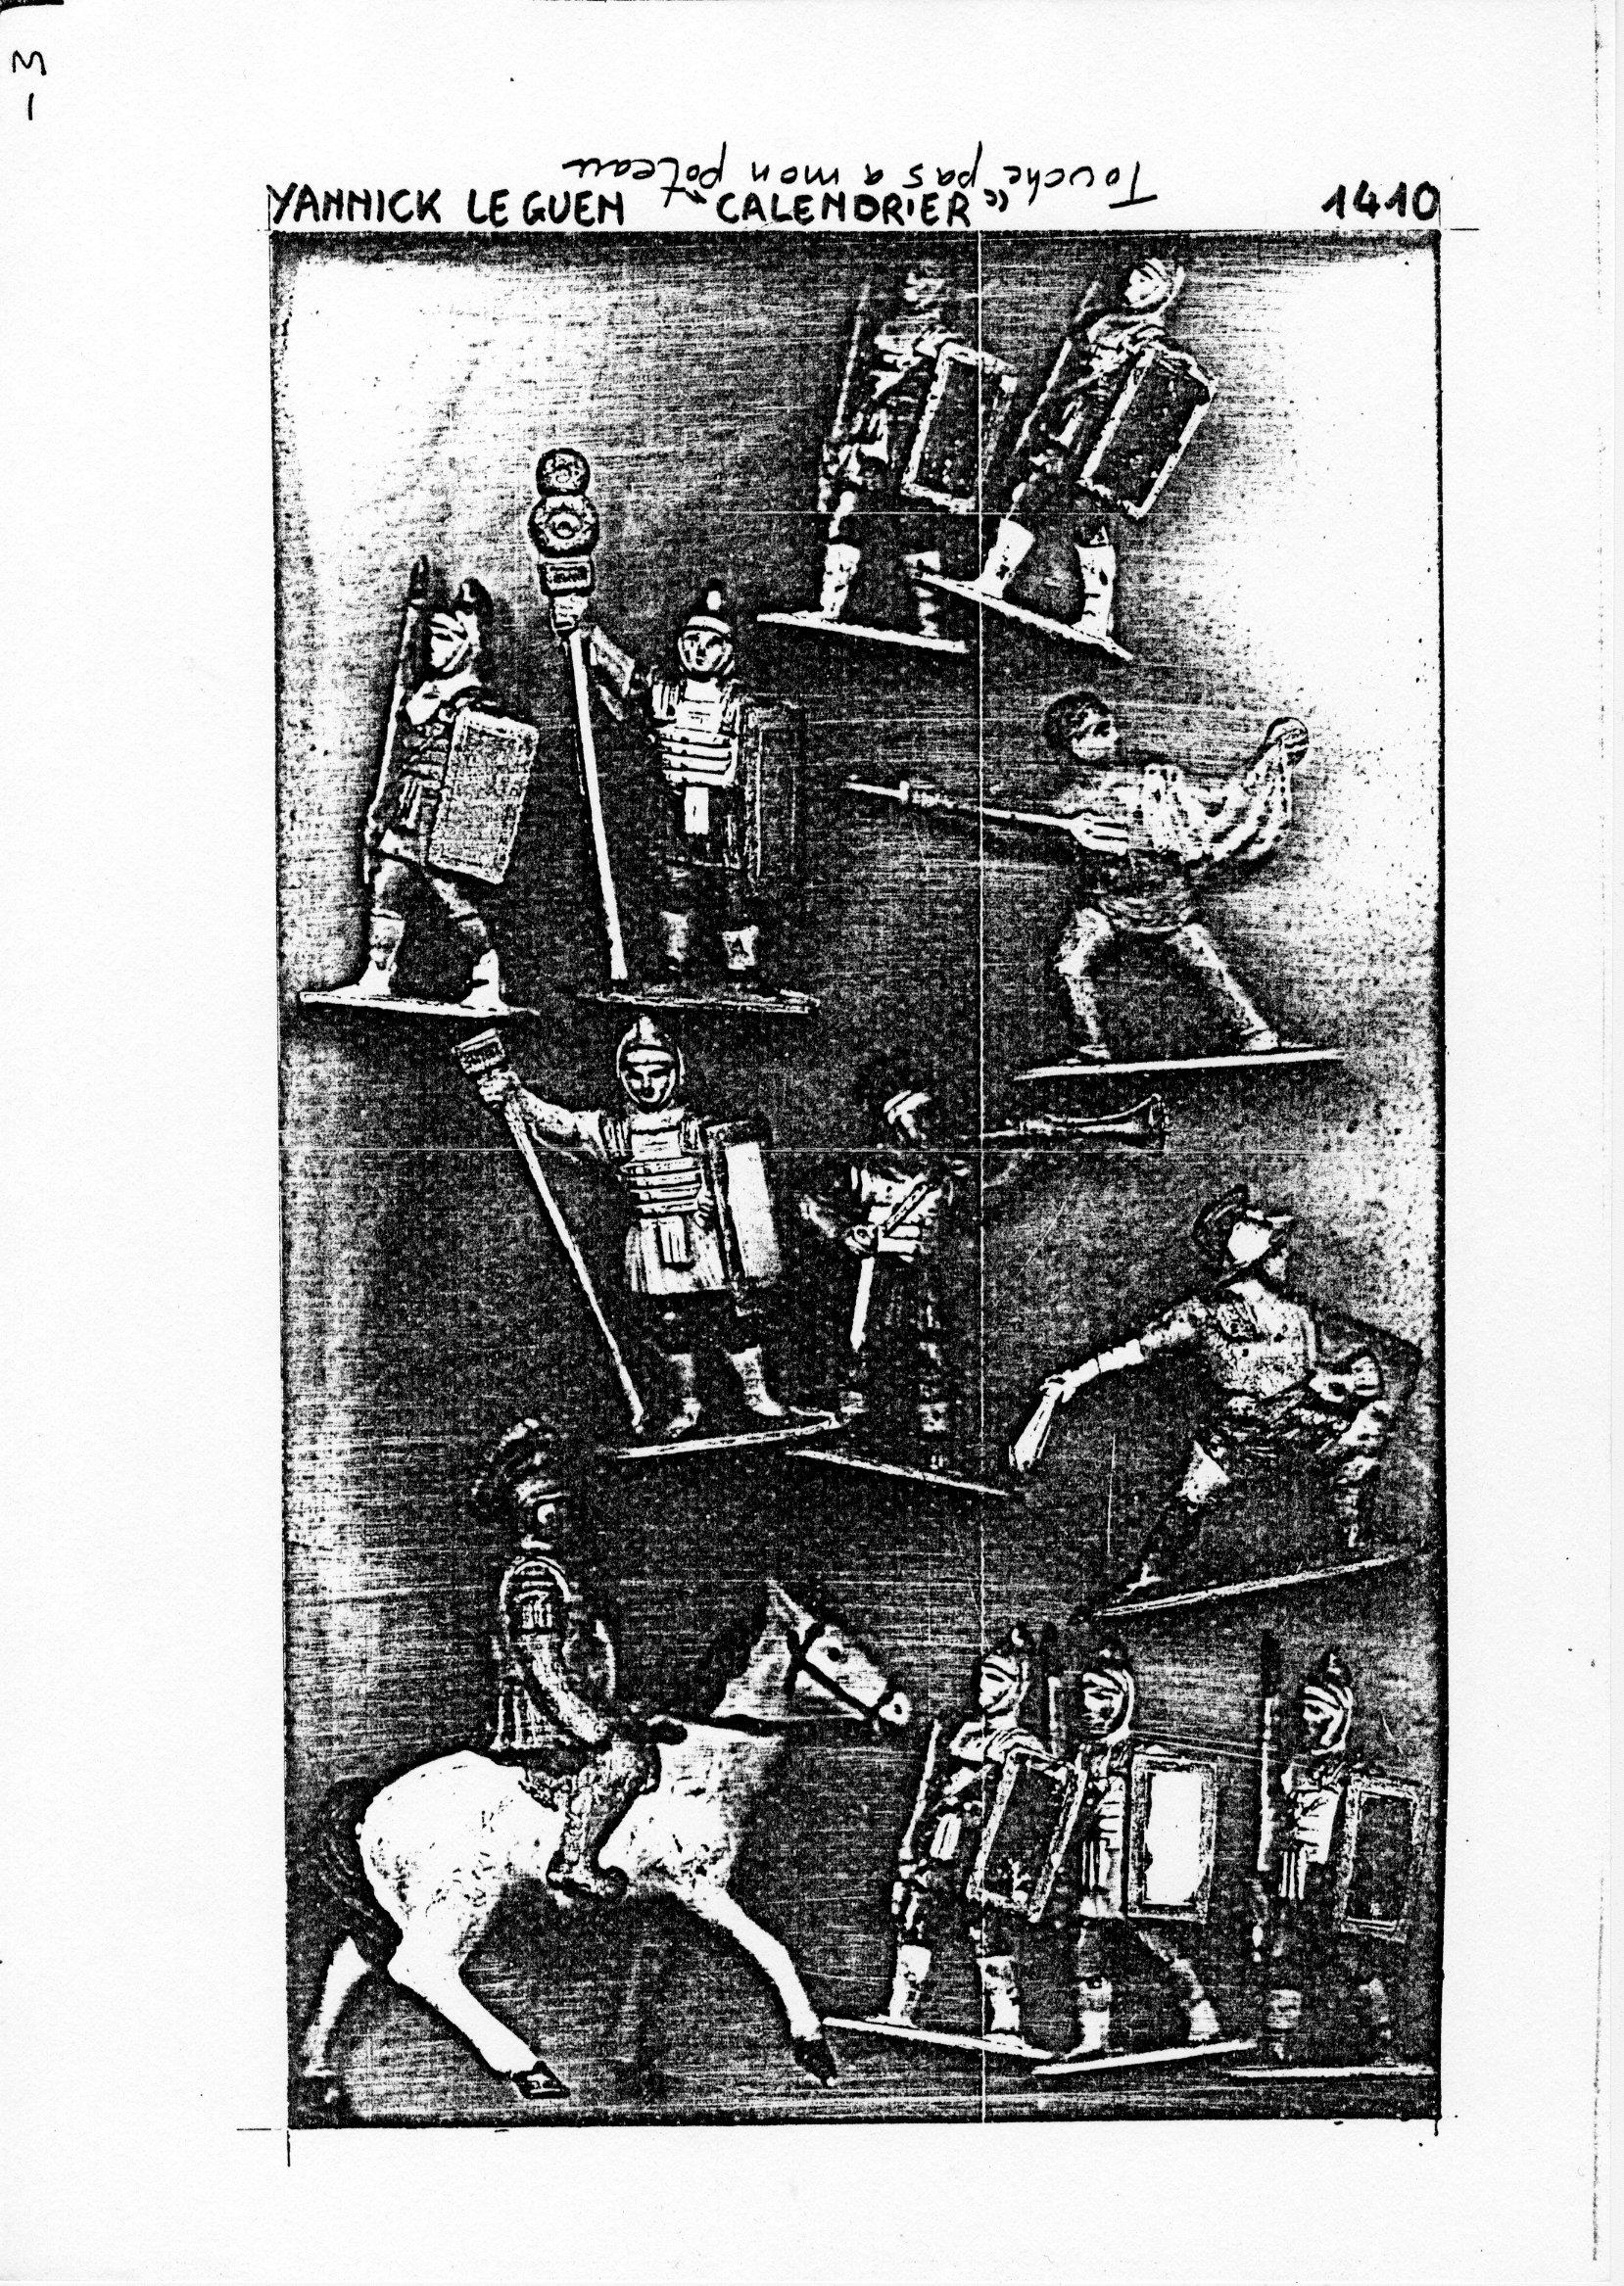 page 1410 Y. Leguen CALENDRIER